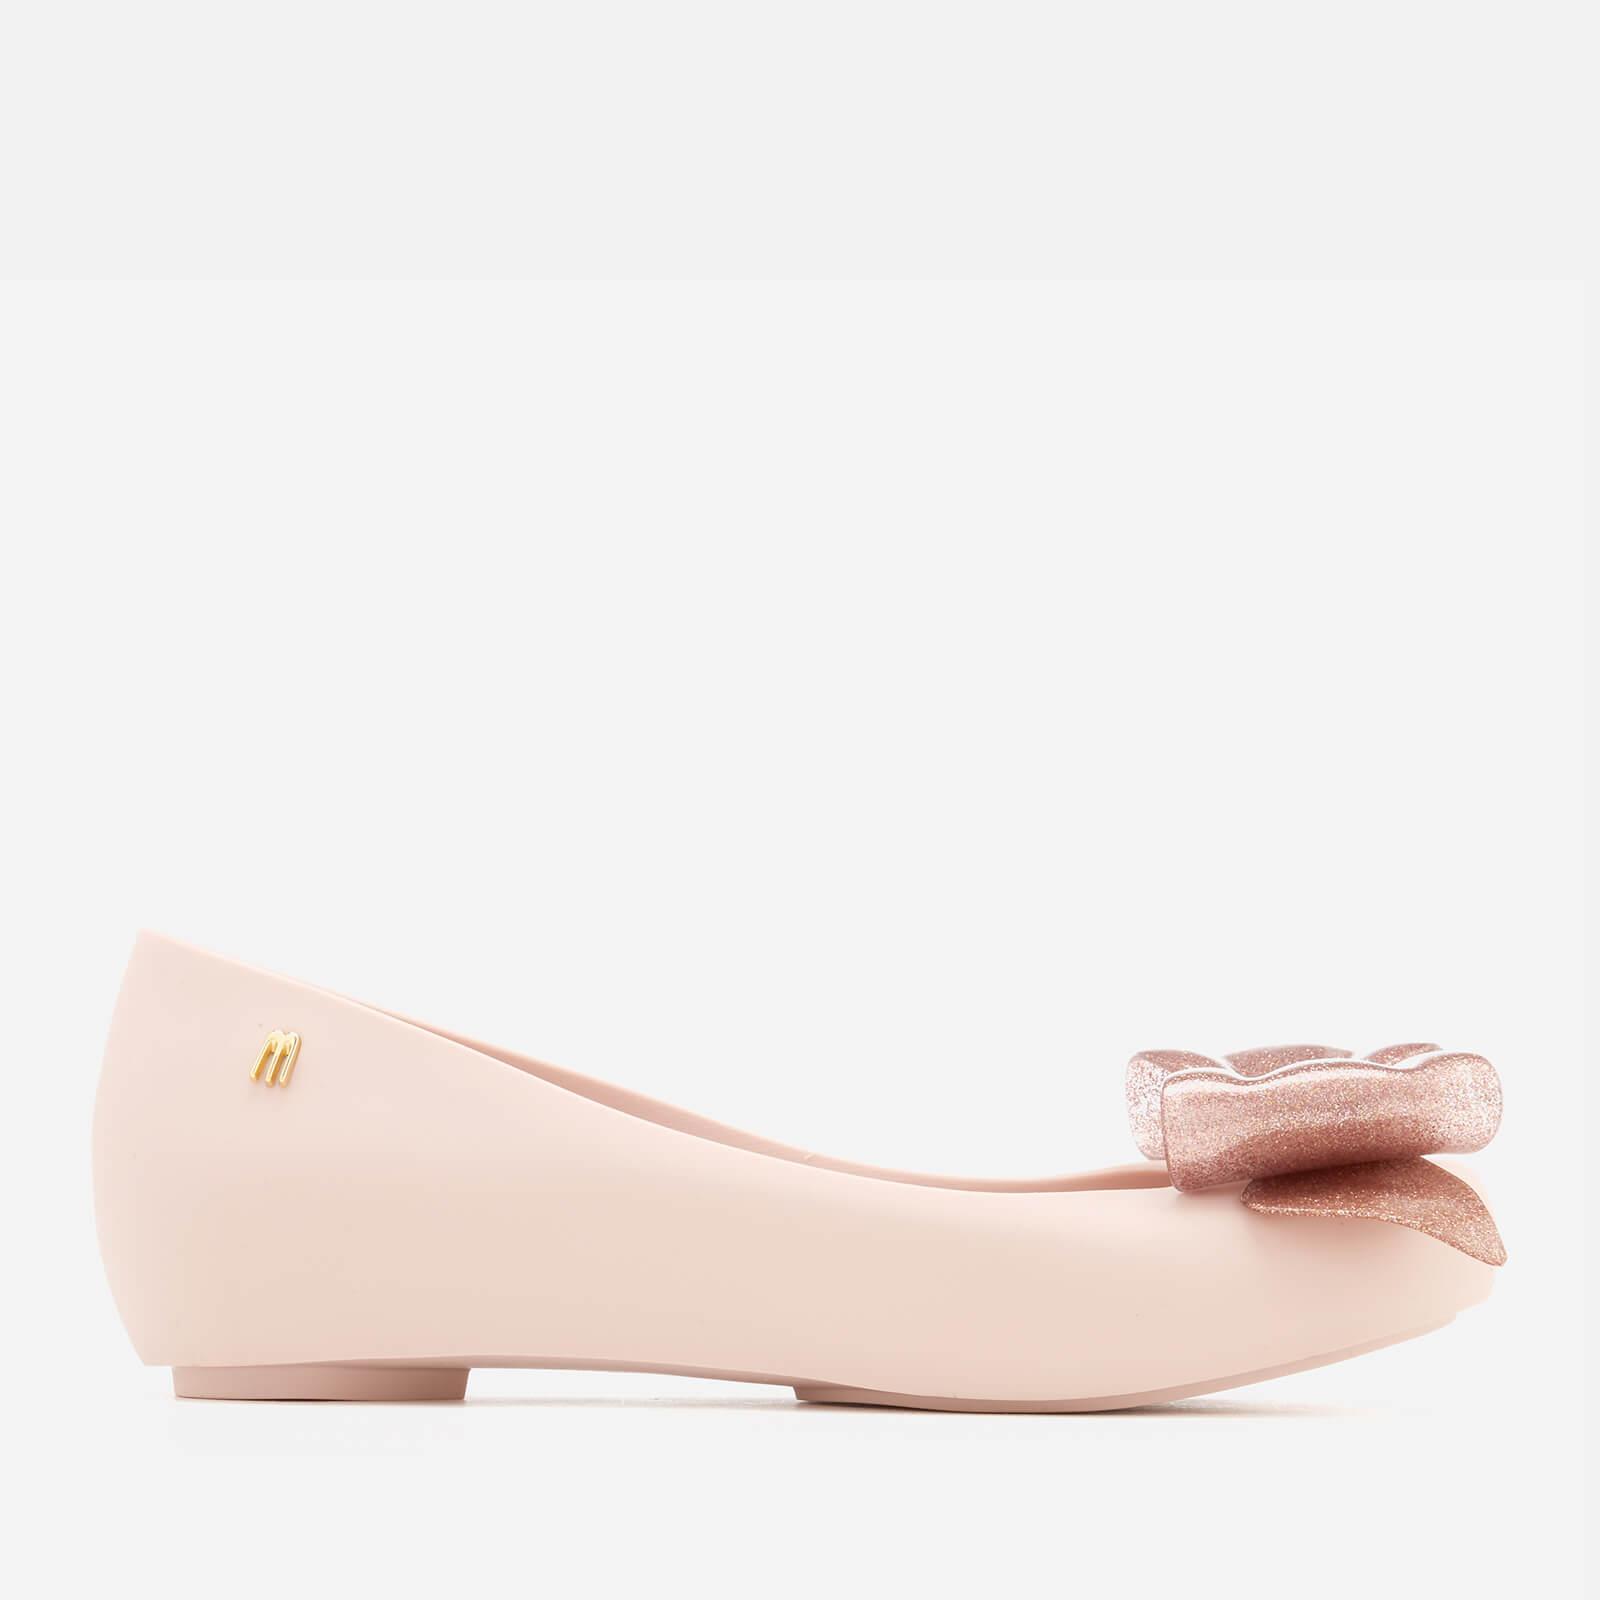 326010d1a568 Melissa Women s Ultragirl Sweet Bow 19 Ballet Flats - Blush Glitter ...